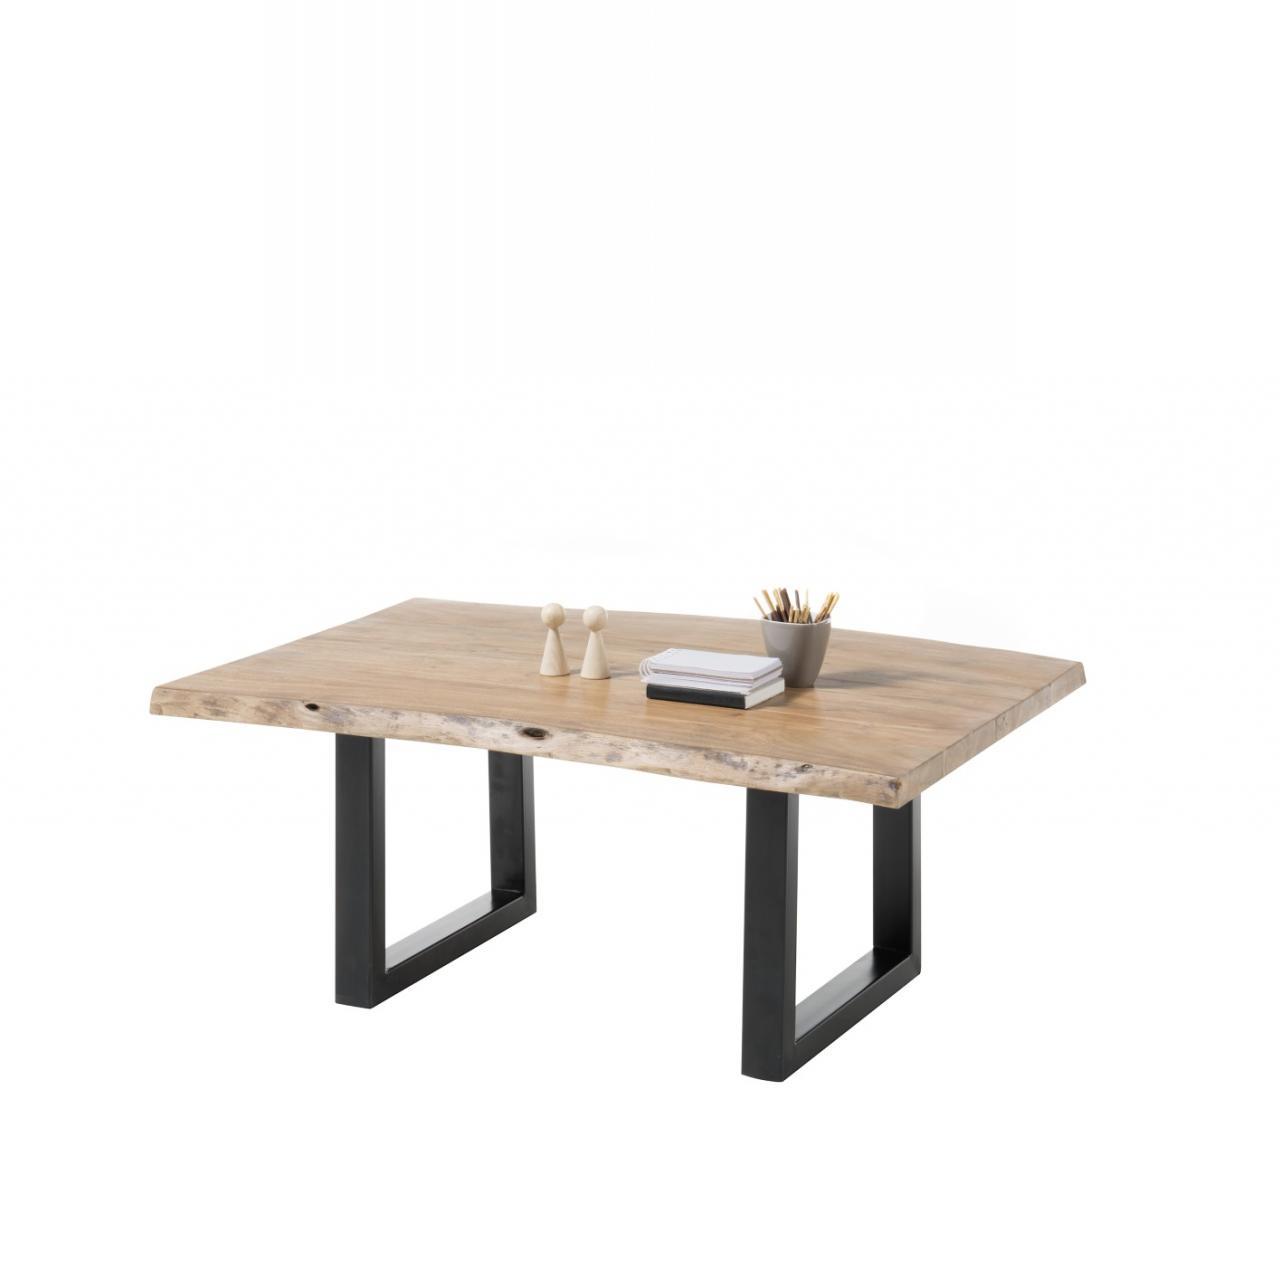 Couchtisch India Akazie Massiv Mit Baumkante Schwar Metall Stubentisch Tisch